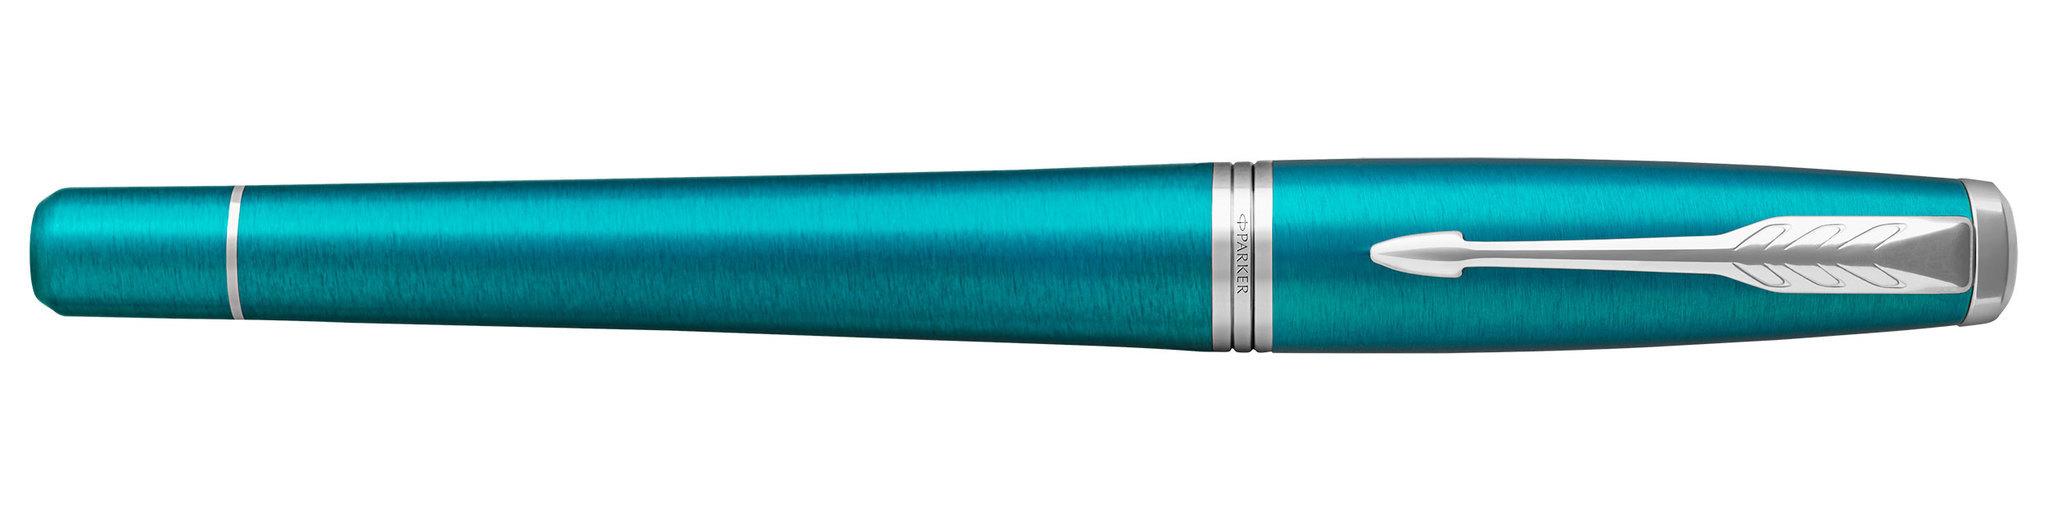 Parker Urban Core - Vibrant Blue CT, перьевая ручка, F